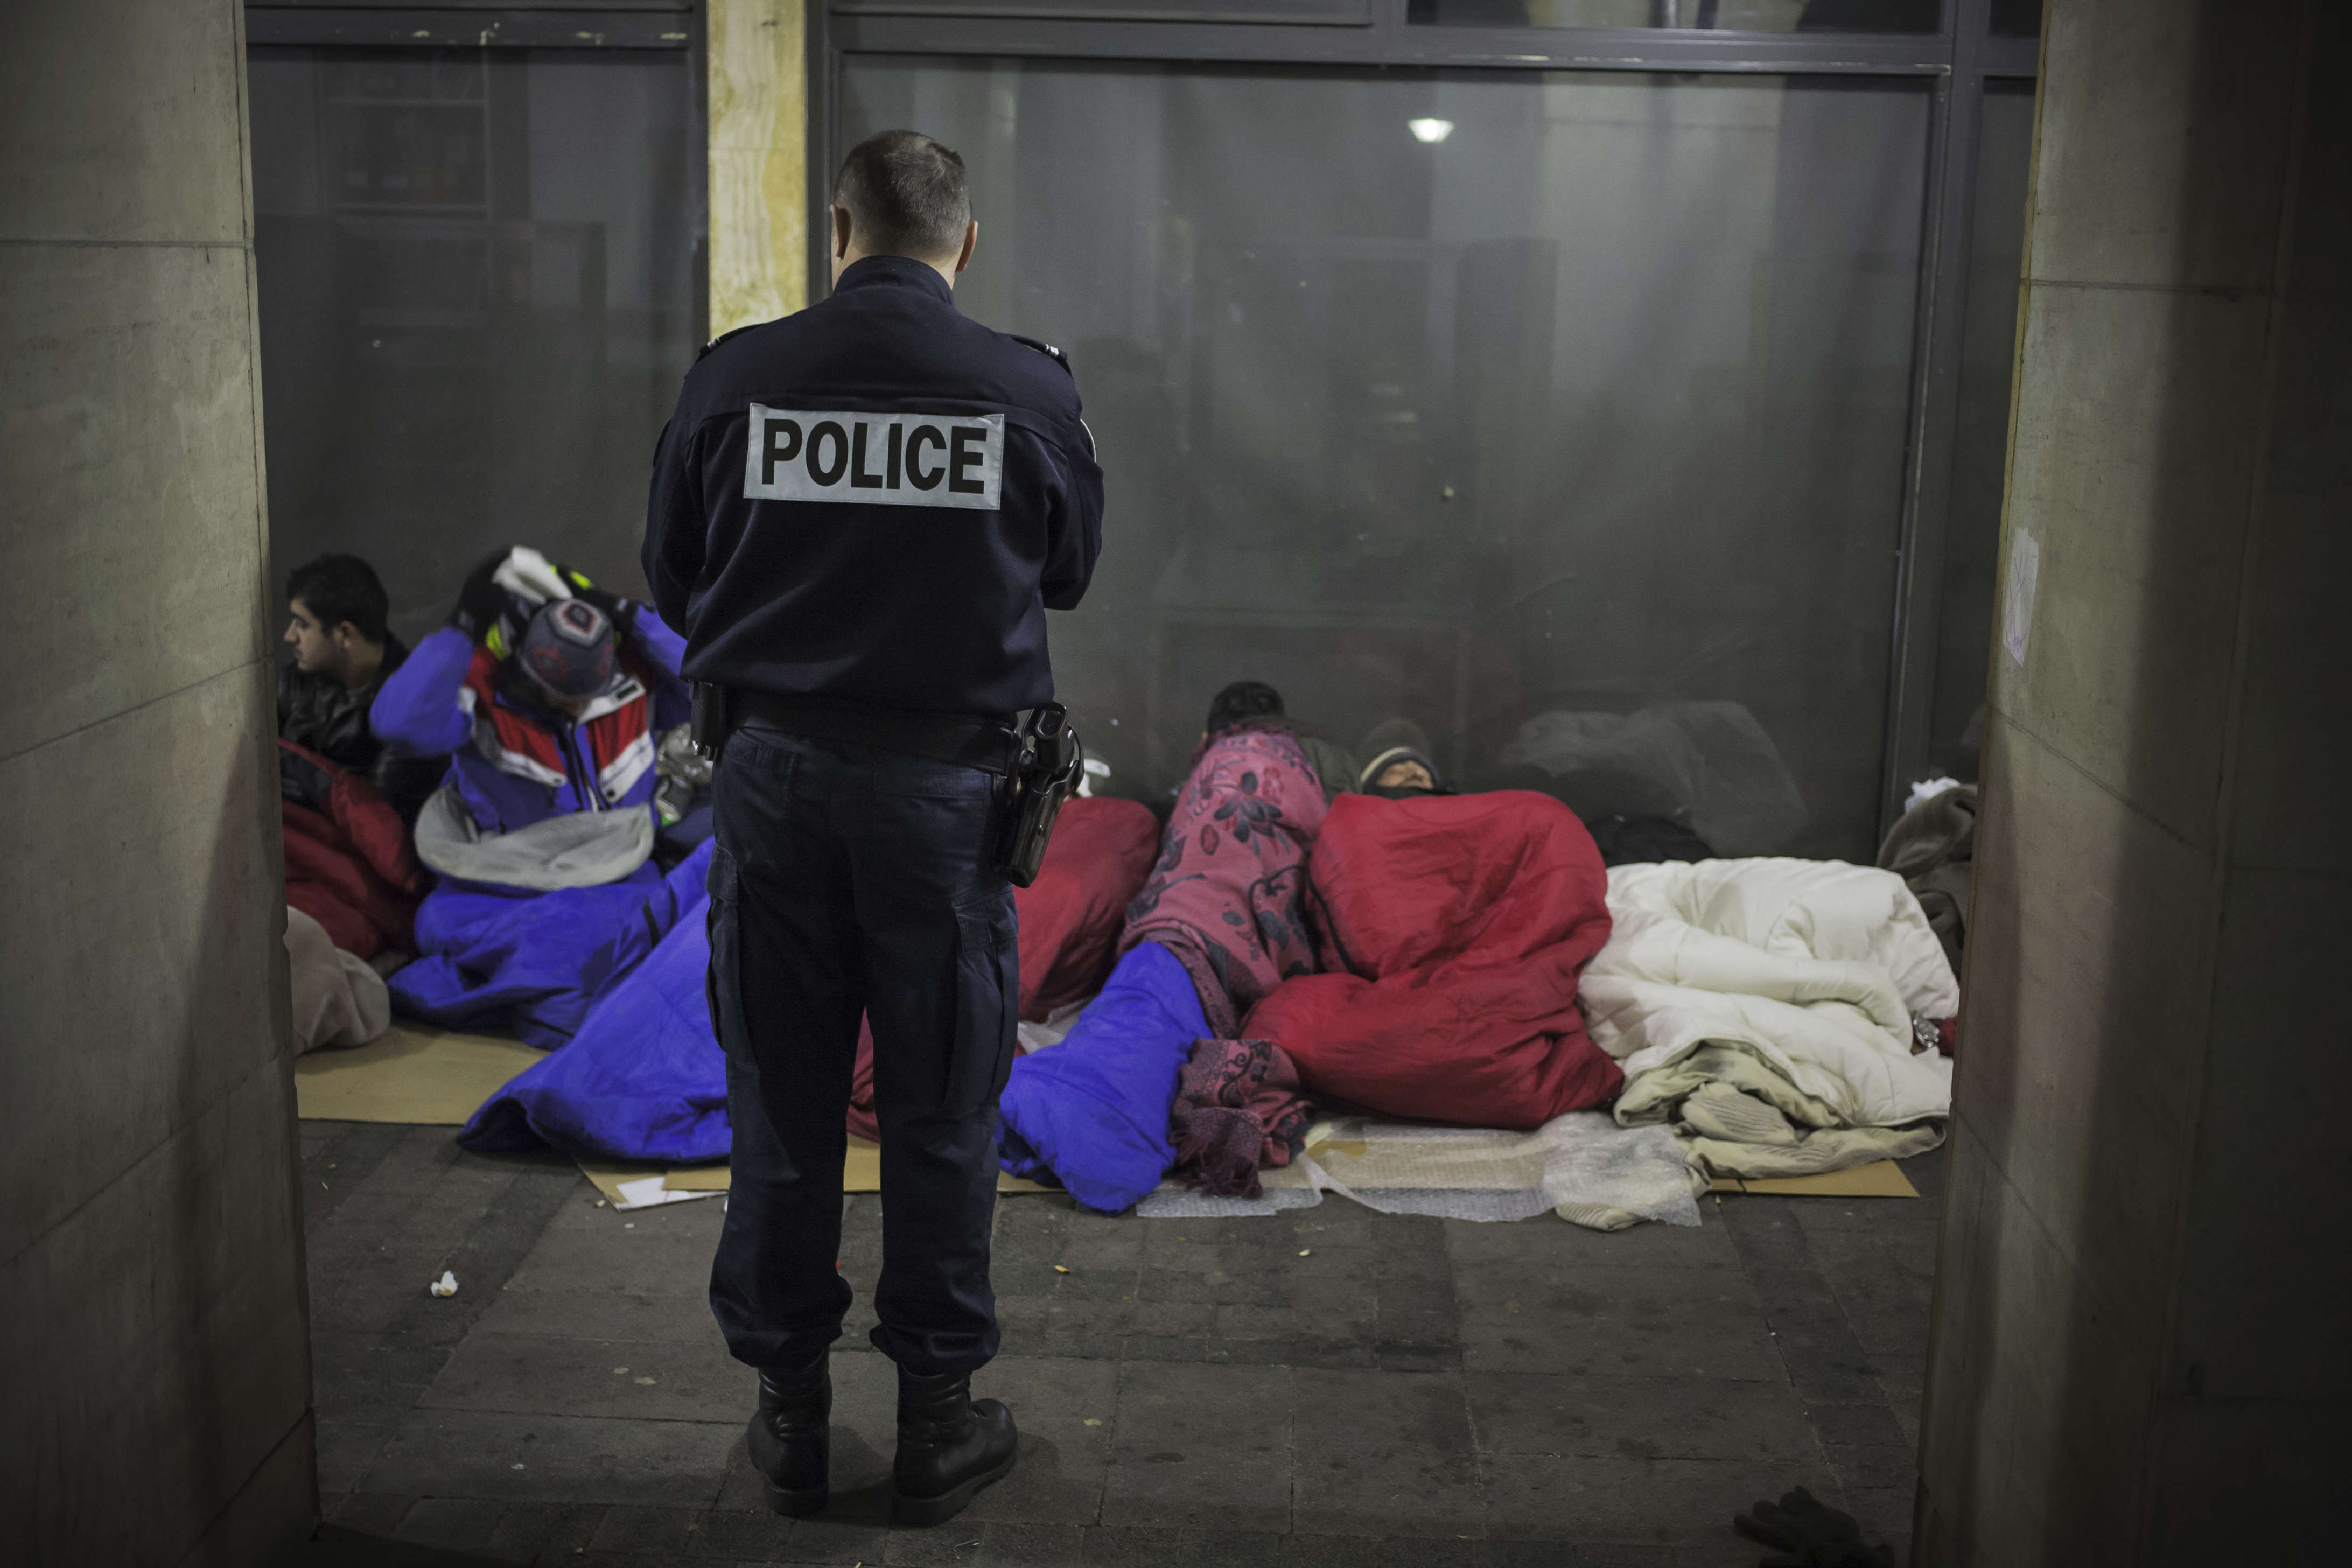 Ce campement a longtemps été toléré par les résidents, peu enclins à « chasser des migrants ». Mais, devant l'ampleur pris par le problème, le ton est monté récemment.